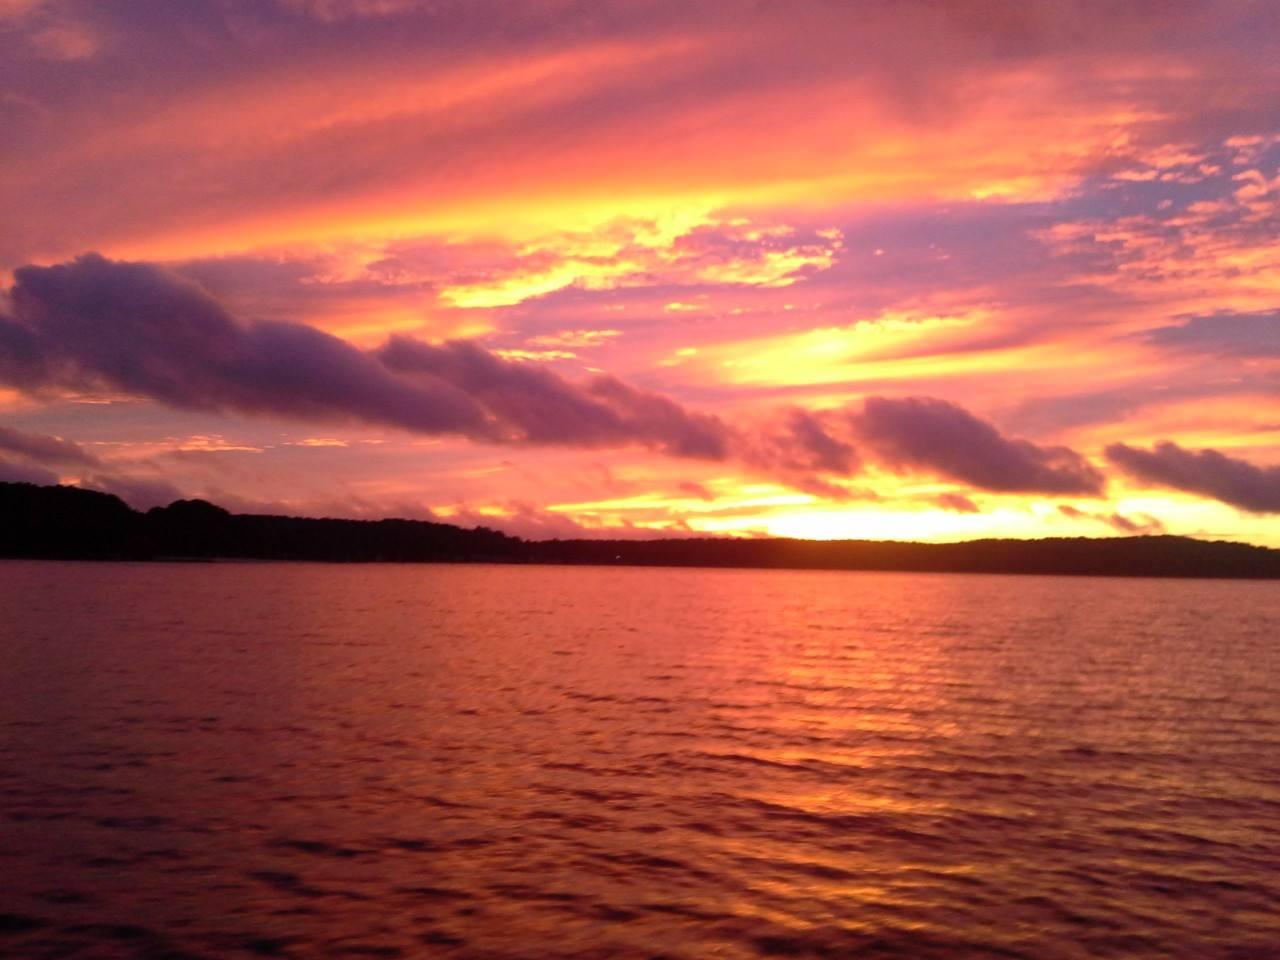 Sunset on Lake Allatoona